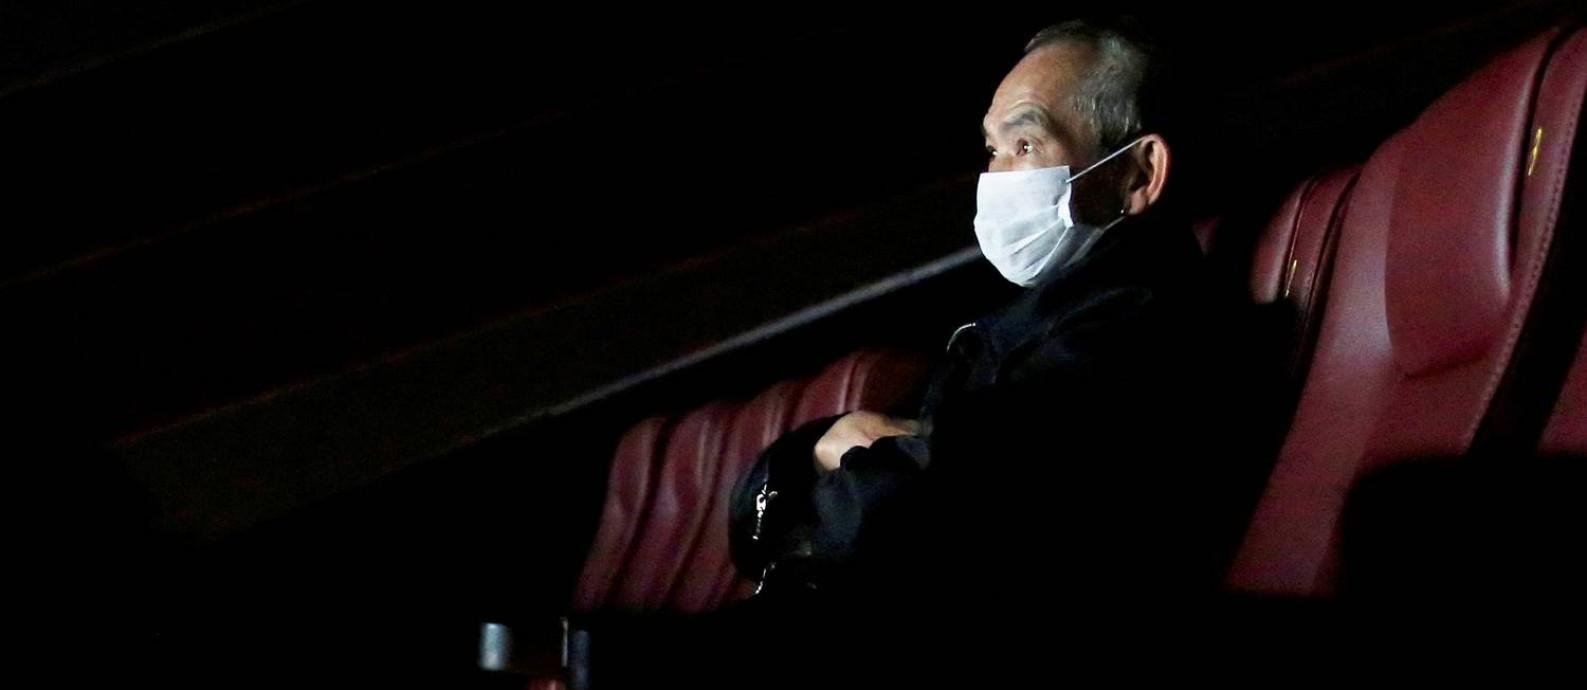 Homem usa máscara num cinema vazio de Hong Kong: prejuízo no cinema pode chegar a U$5 bilhões Foto: TYRONE SIU / REUTERS